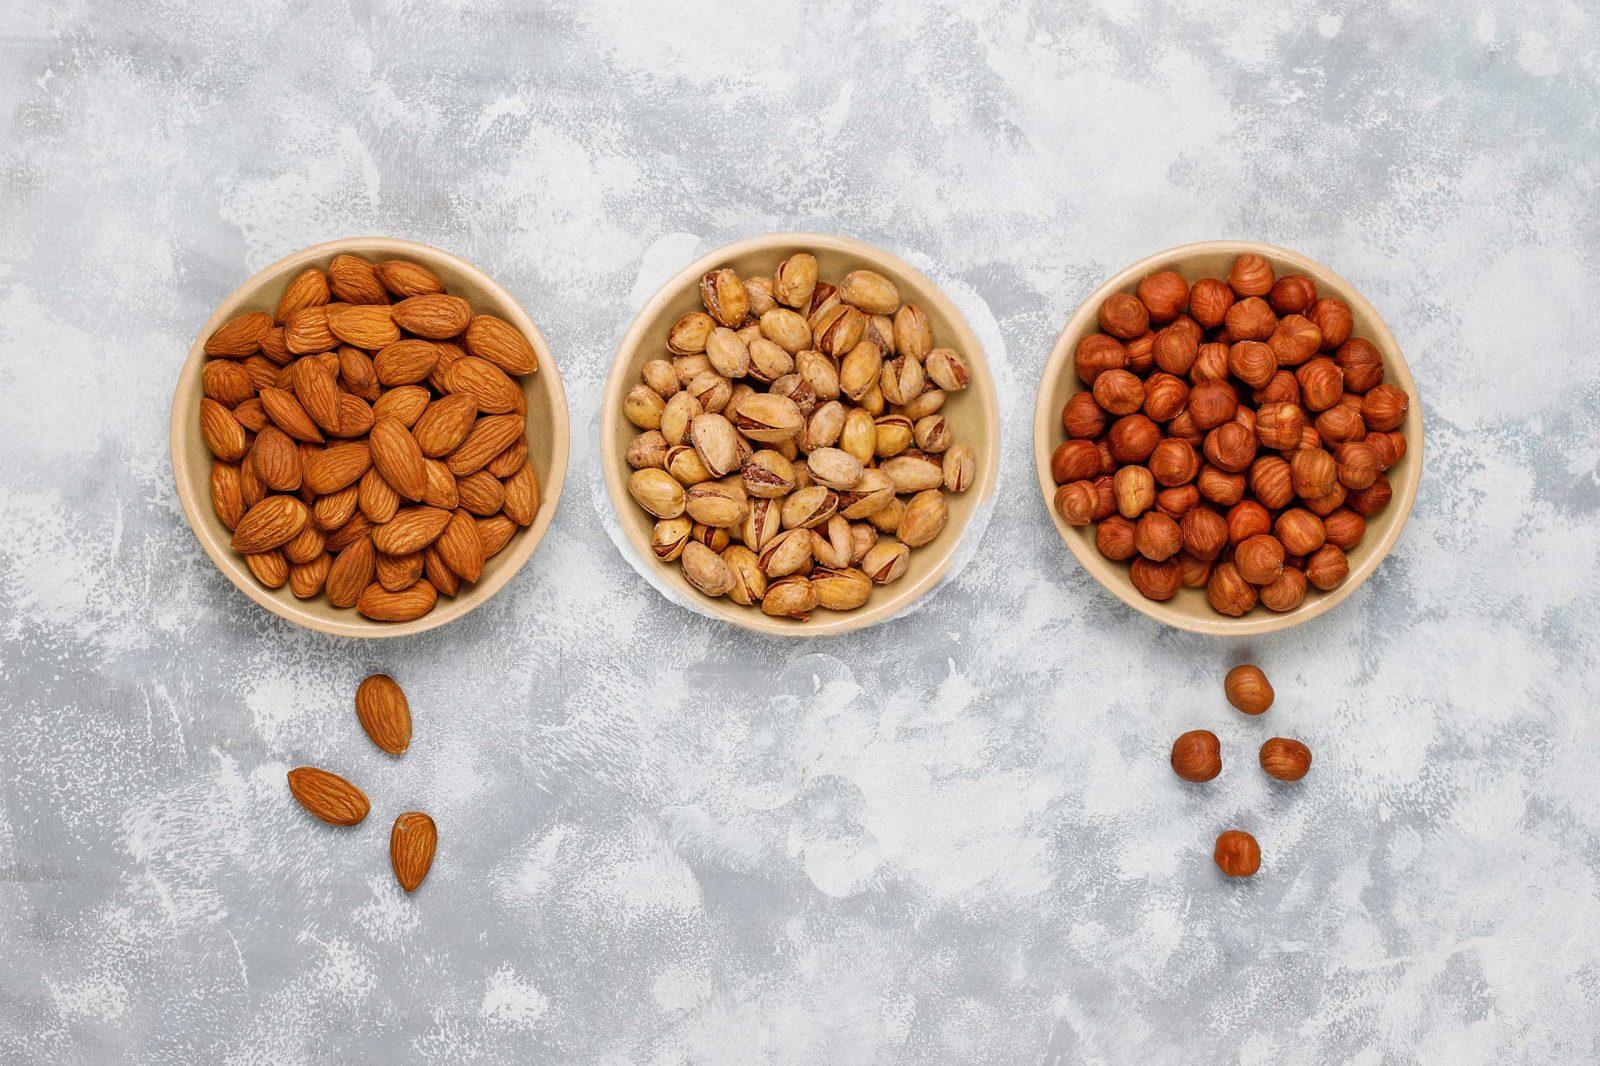 nuts-ceramic-walnuts-pistachiopine-nuts-peanut-raisin